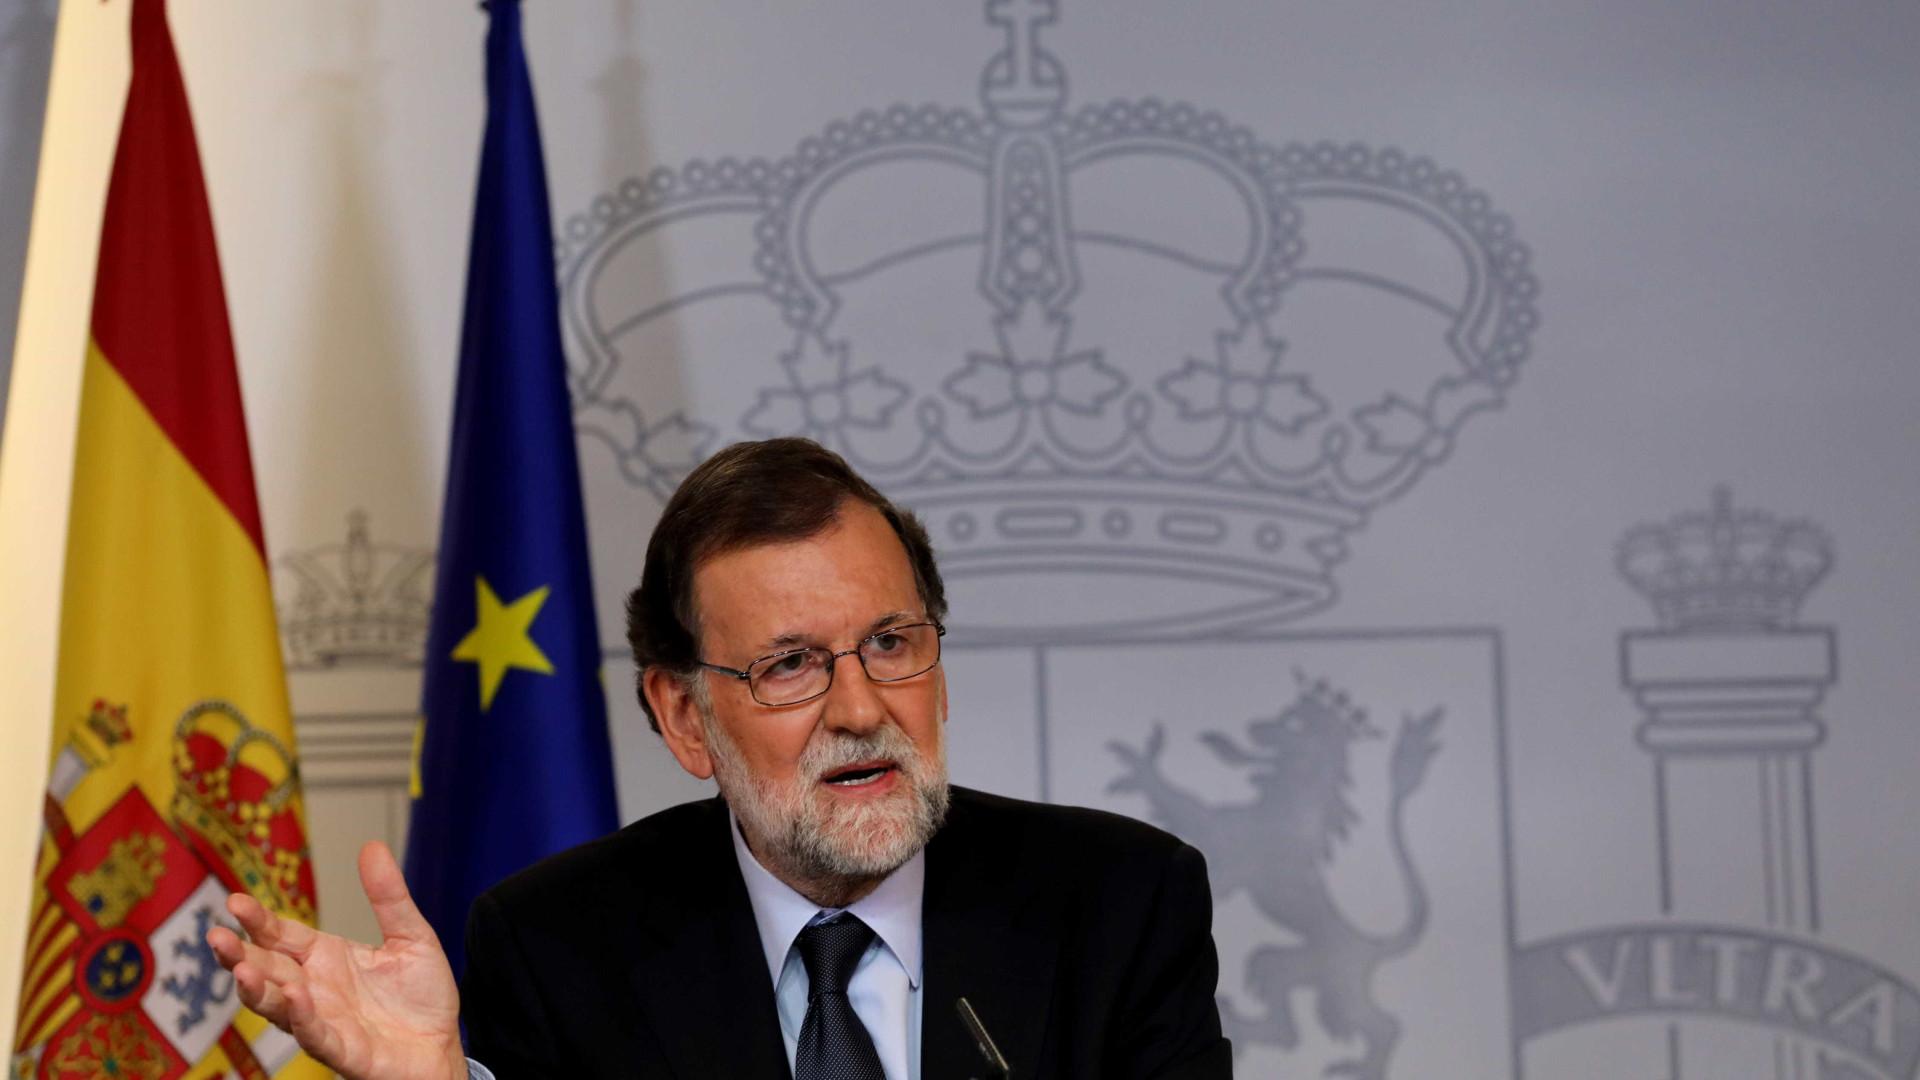 """Rajoy adverte que insistir no referendo na Catalunha só causa """"tensão"""""""